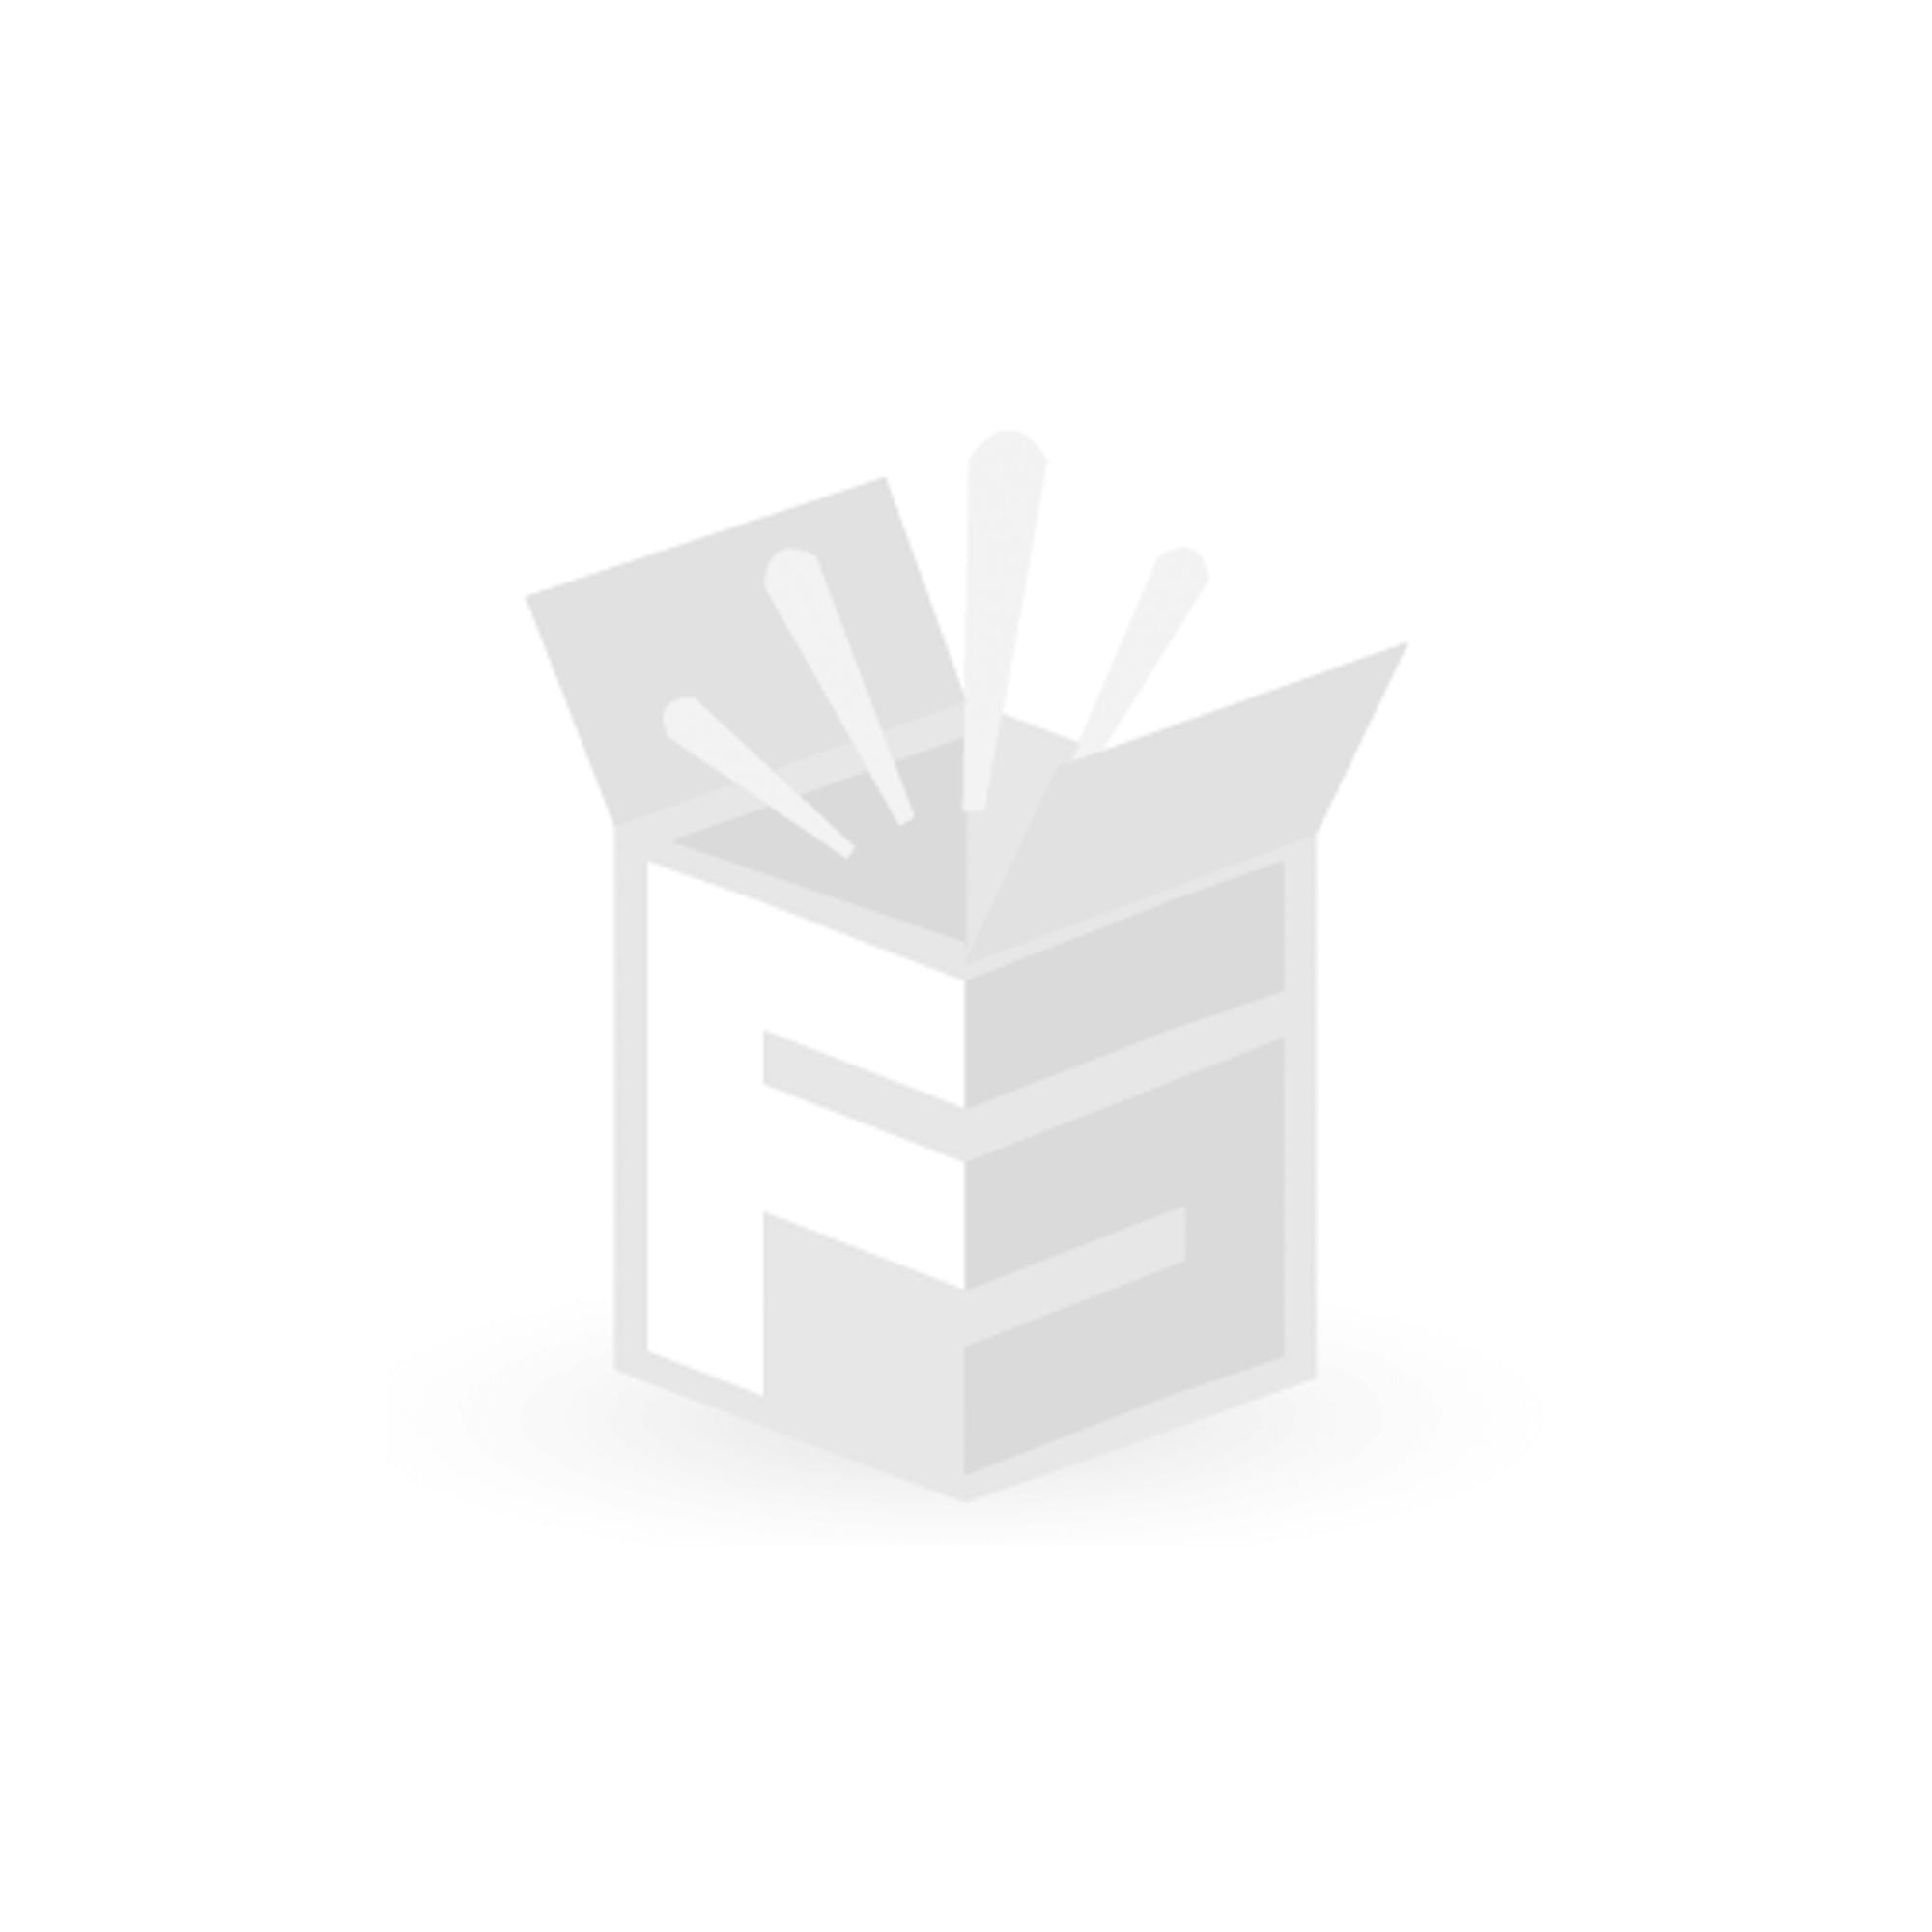 Kibernetik AP-Steckdose 1x CEE32A, 5-polig